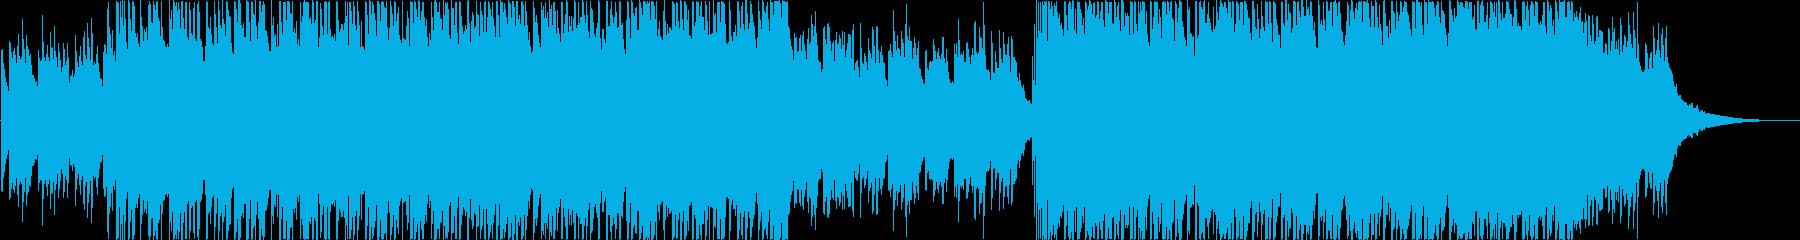 爽やかな洋楽風カントリーインディーポップの再生済みの波形